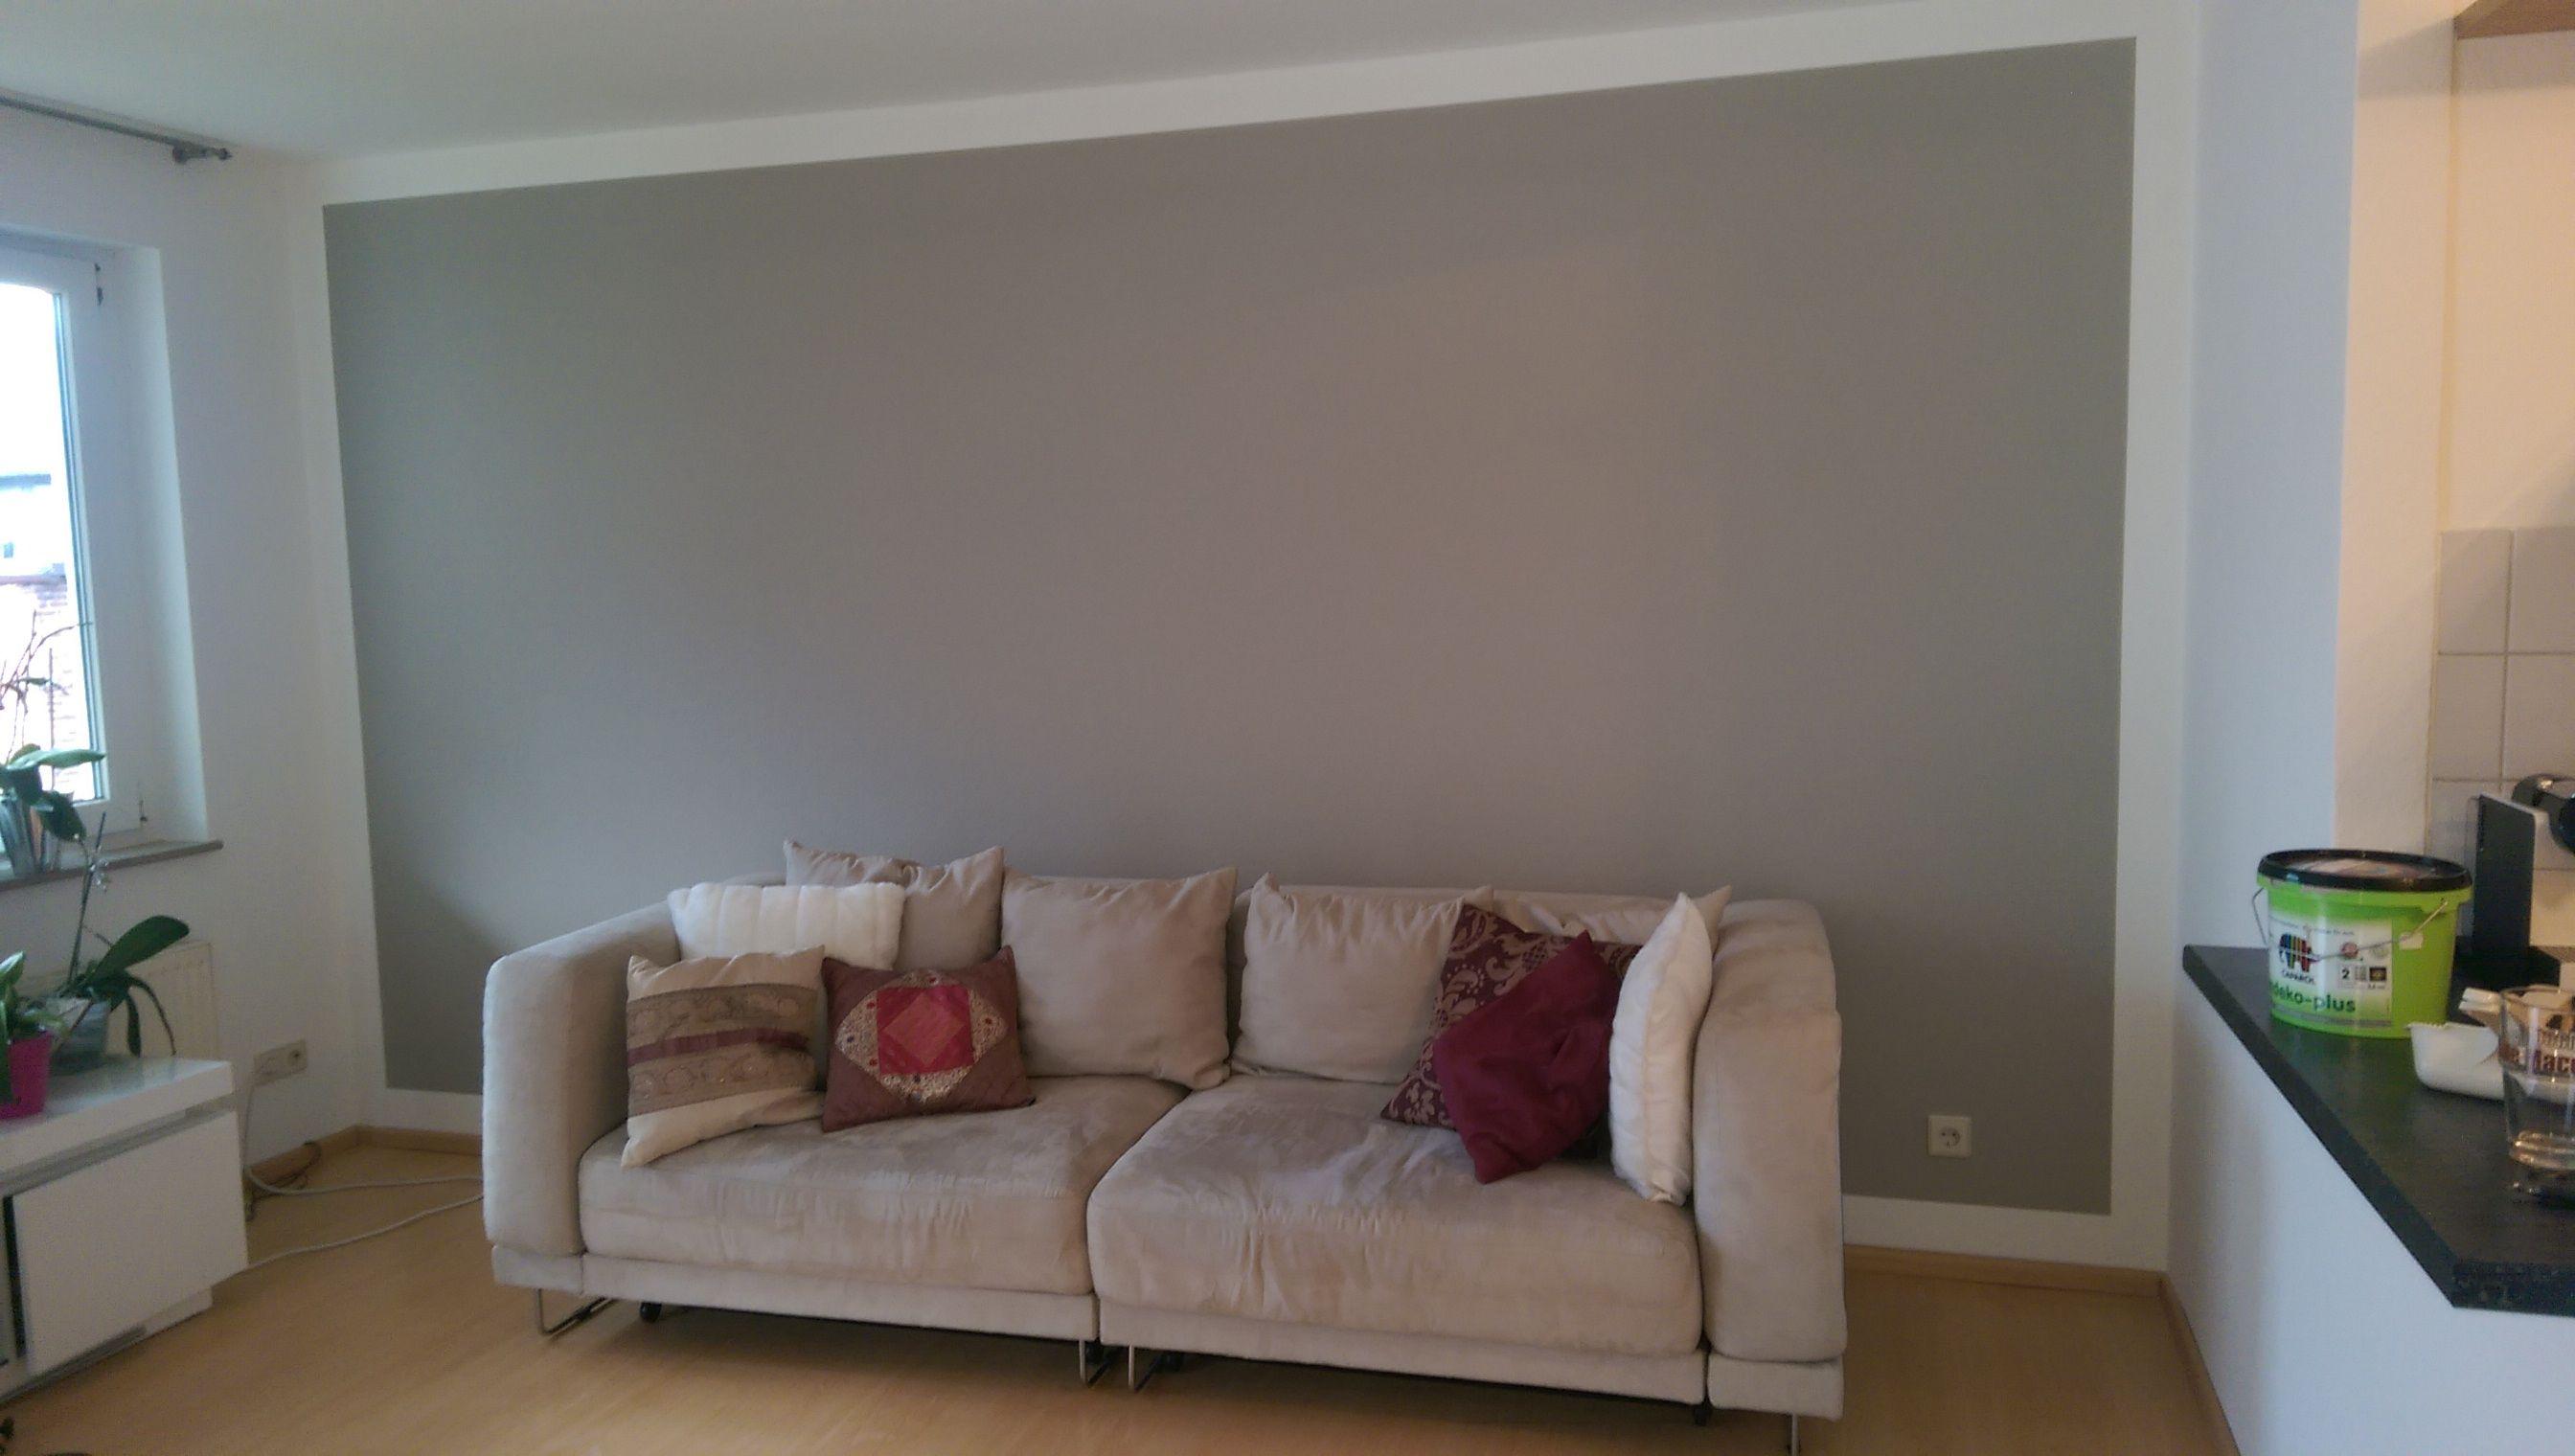 Lieblich Farbige Wandgestaltung Ideen [droidsure.com]